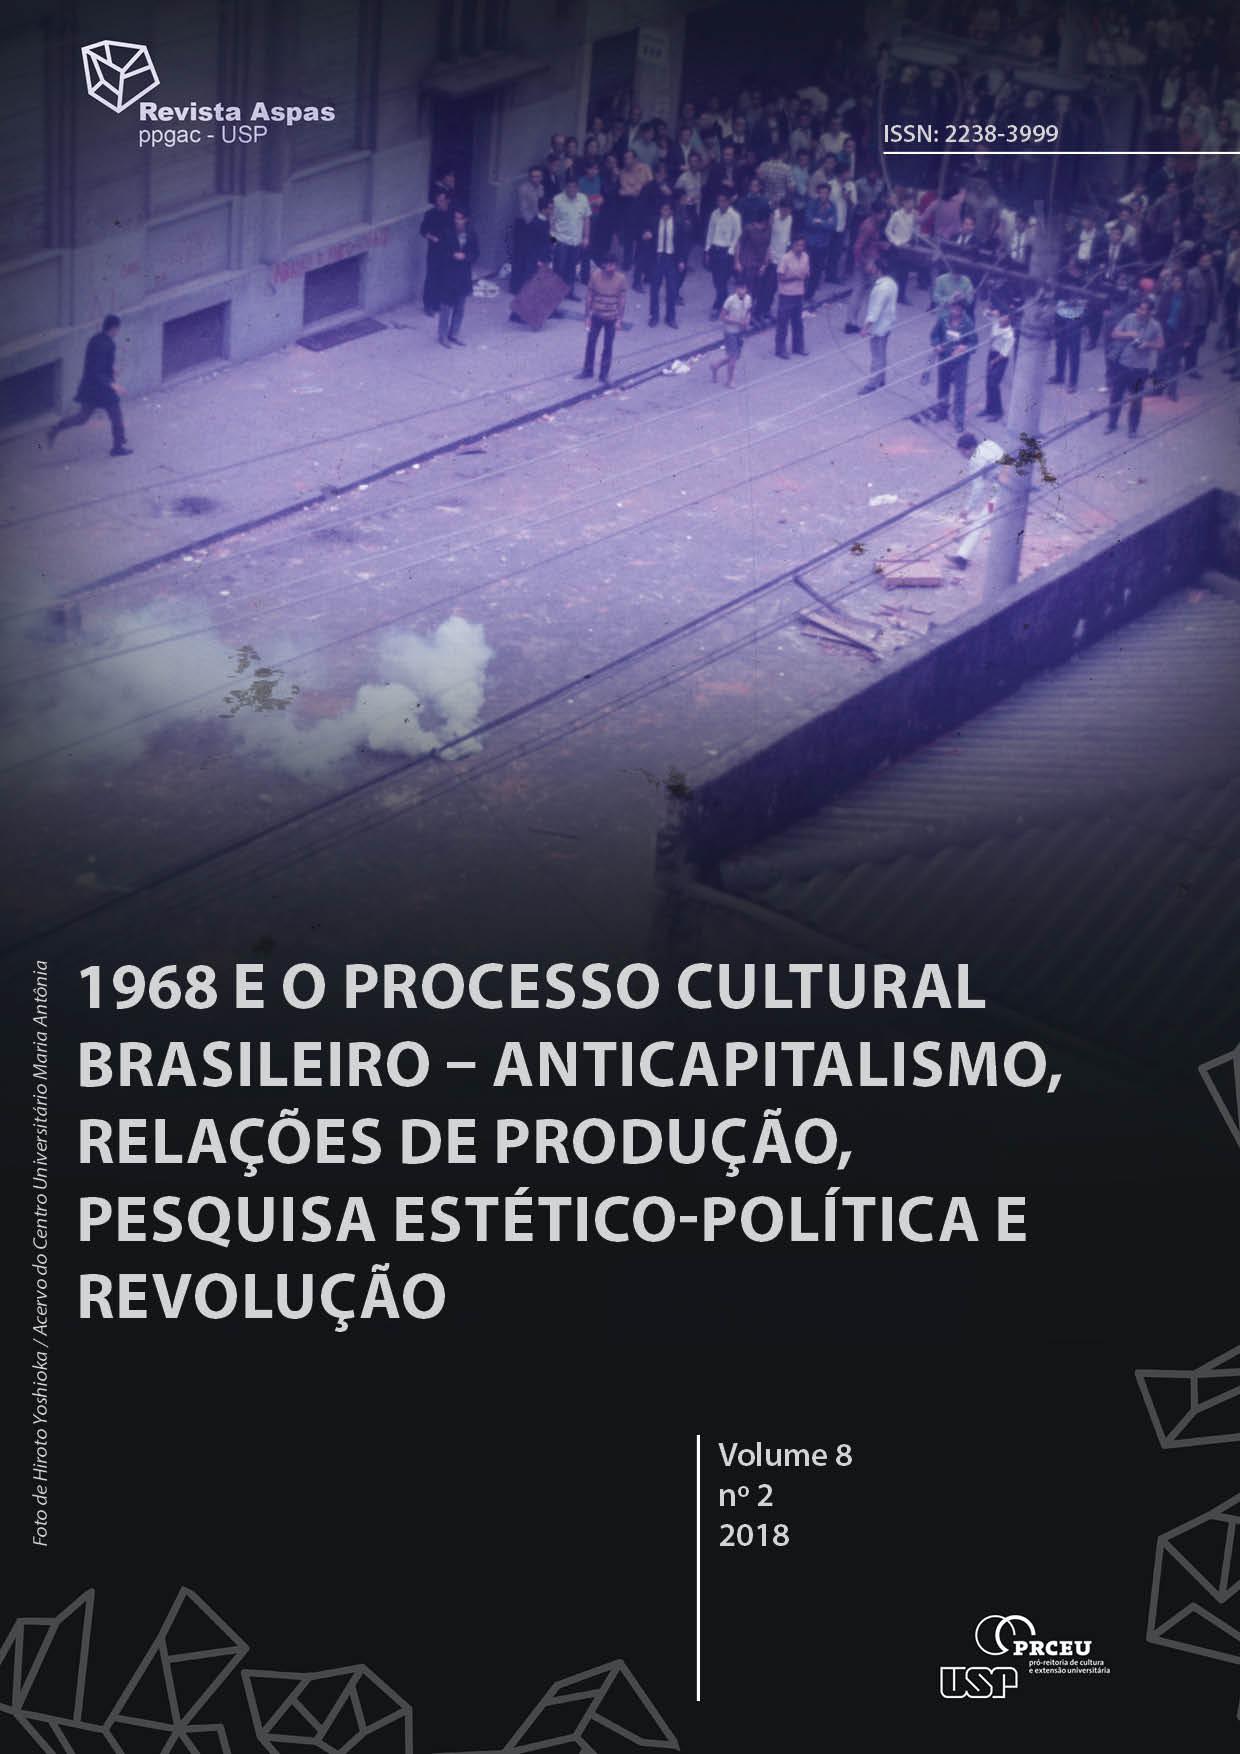 Visualizar v. 8 n. 2 (2018): 1968 e o processo cultural brasileiro - anticapitalismo, relações de produção, pesquisa estético-política e revolução